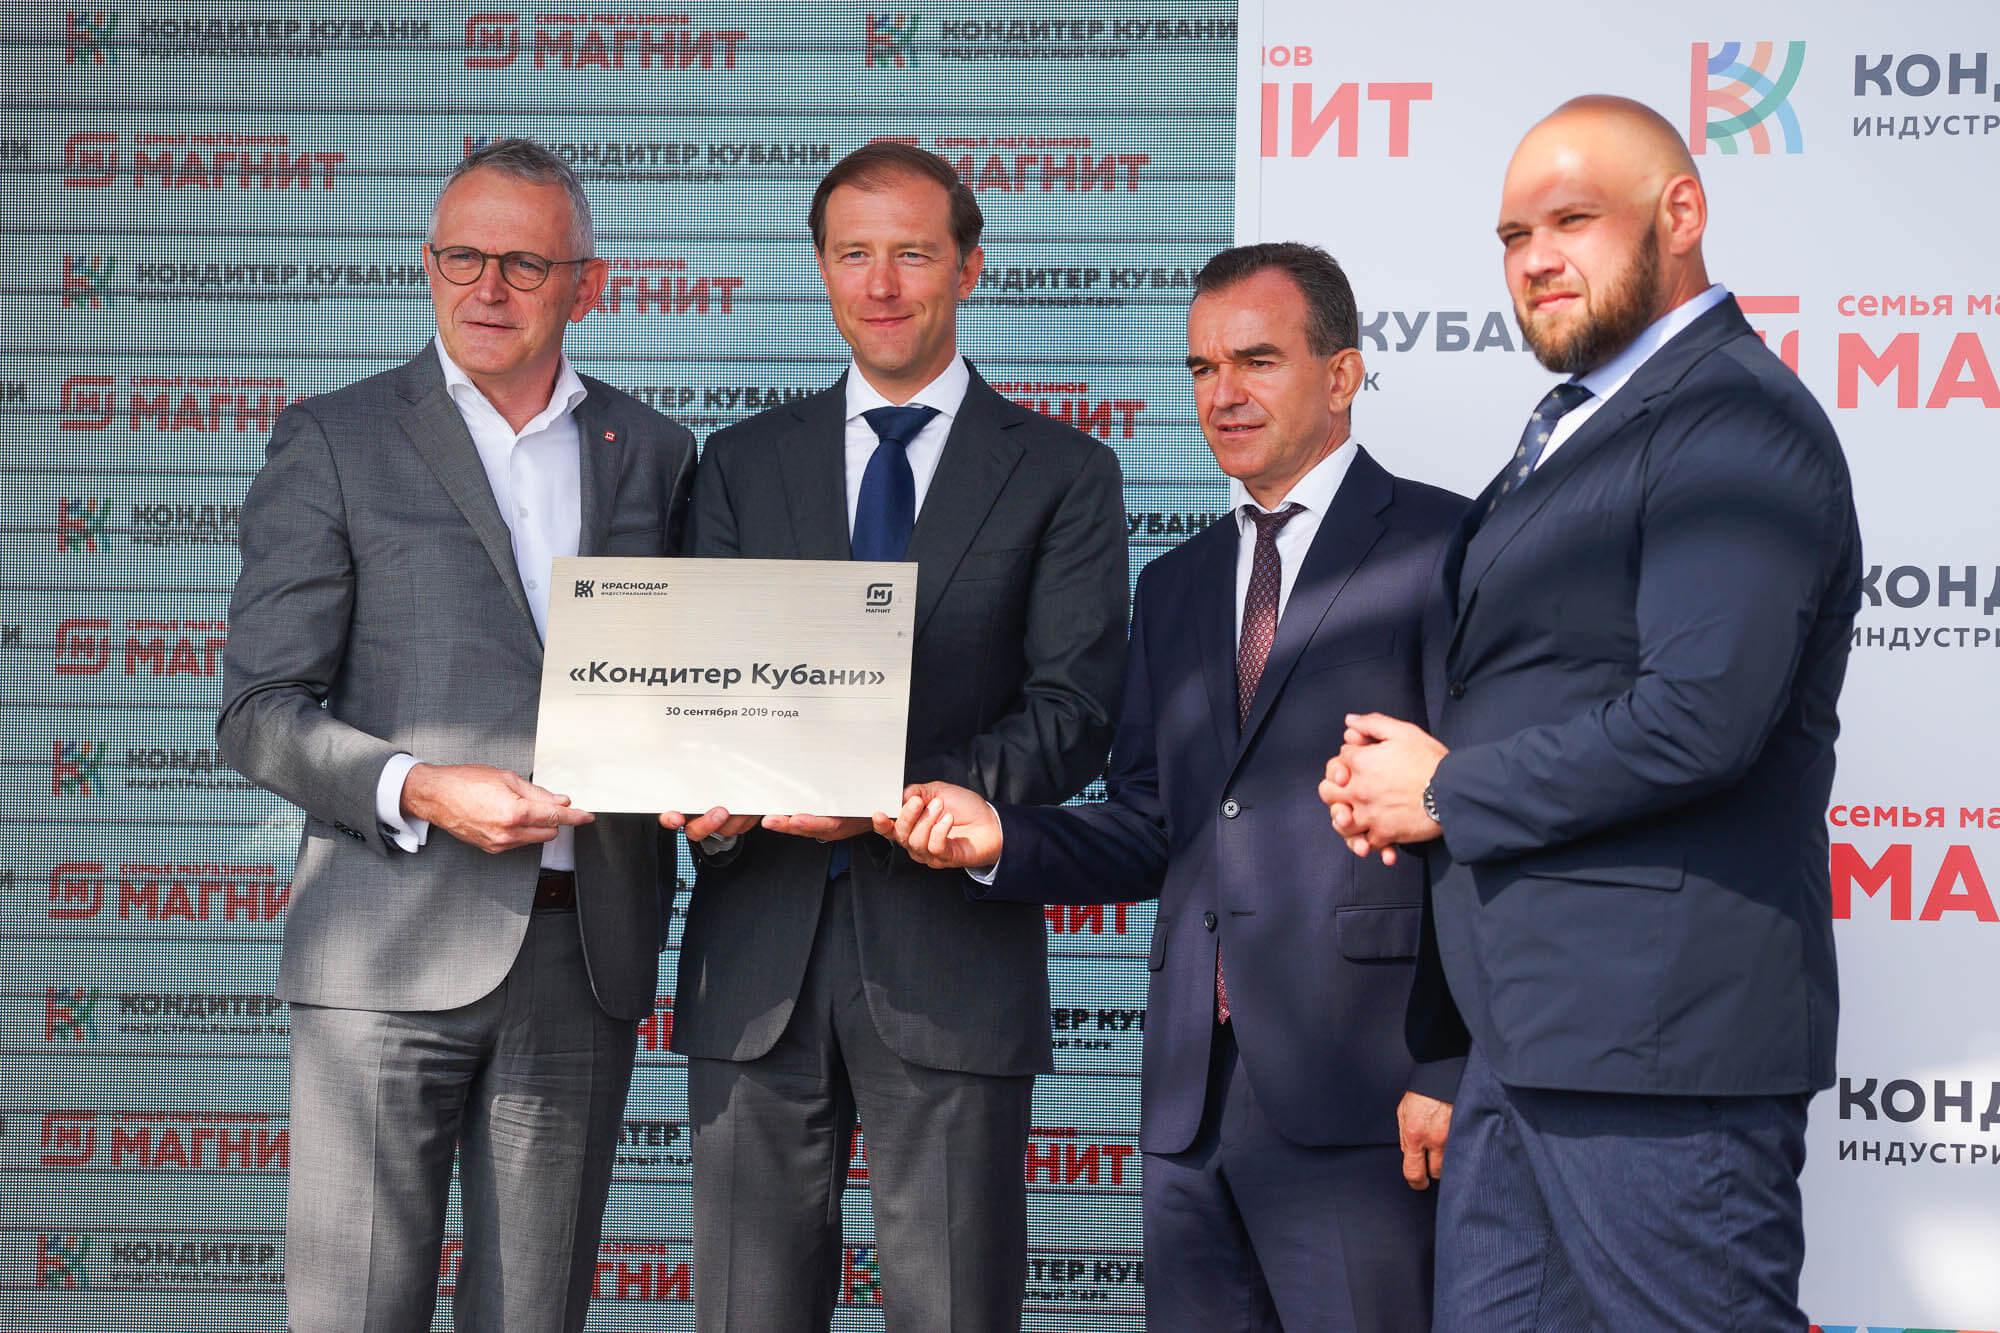 Открытие предприятия «Кондитер Кубани» в индустриальном парке «Краснодар»